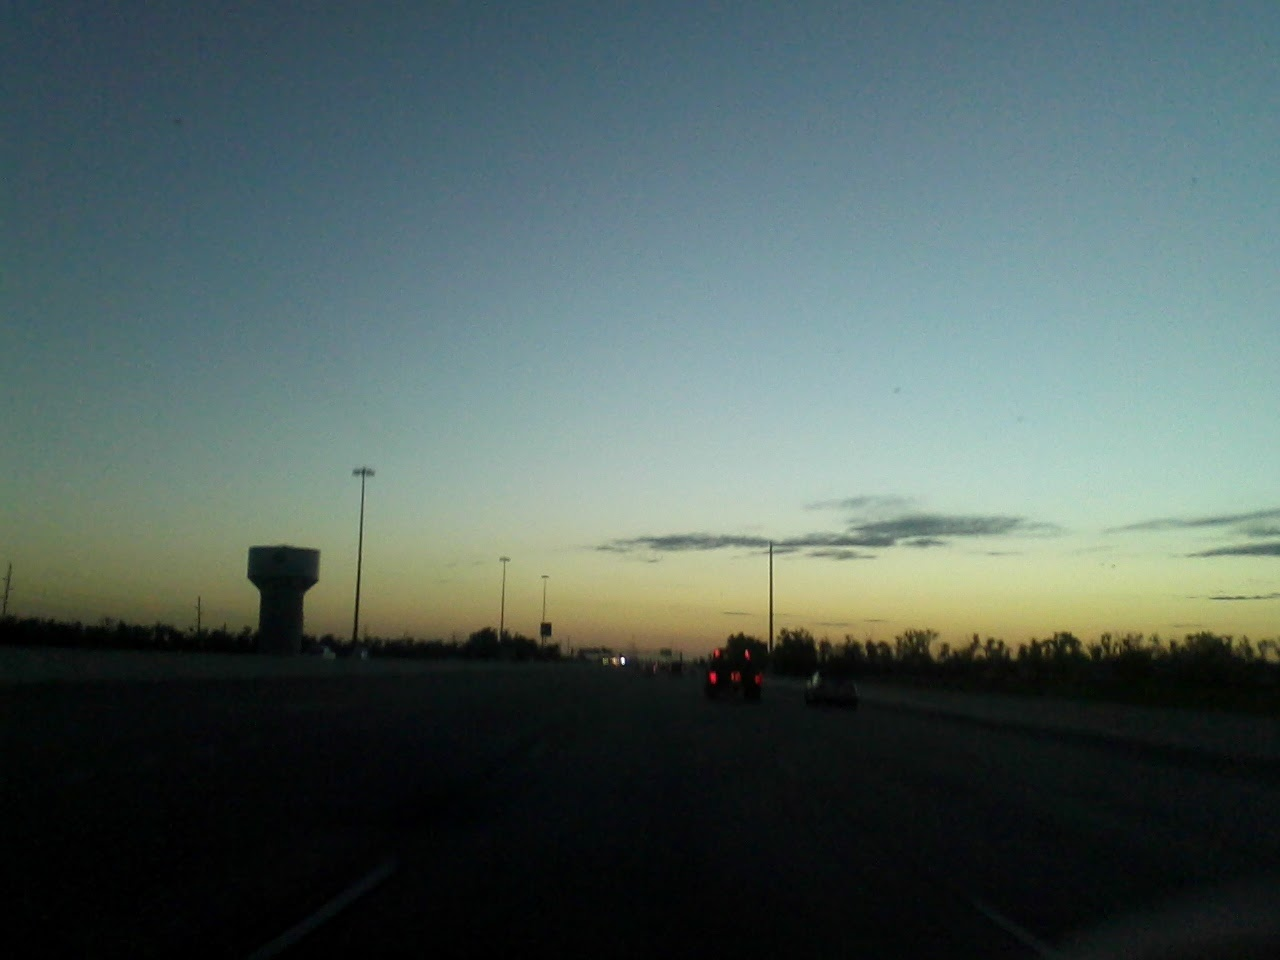 Sky - 1108173929.jpg